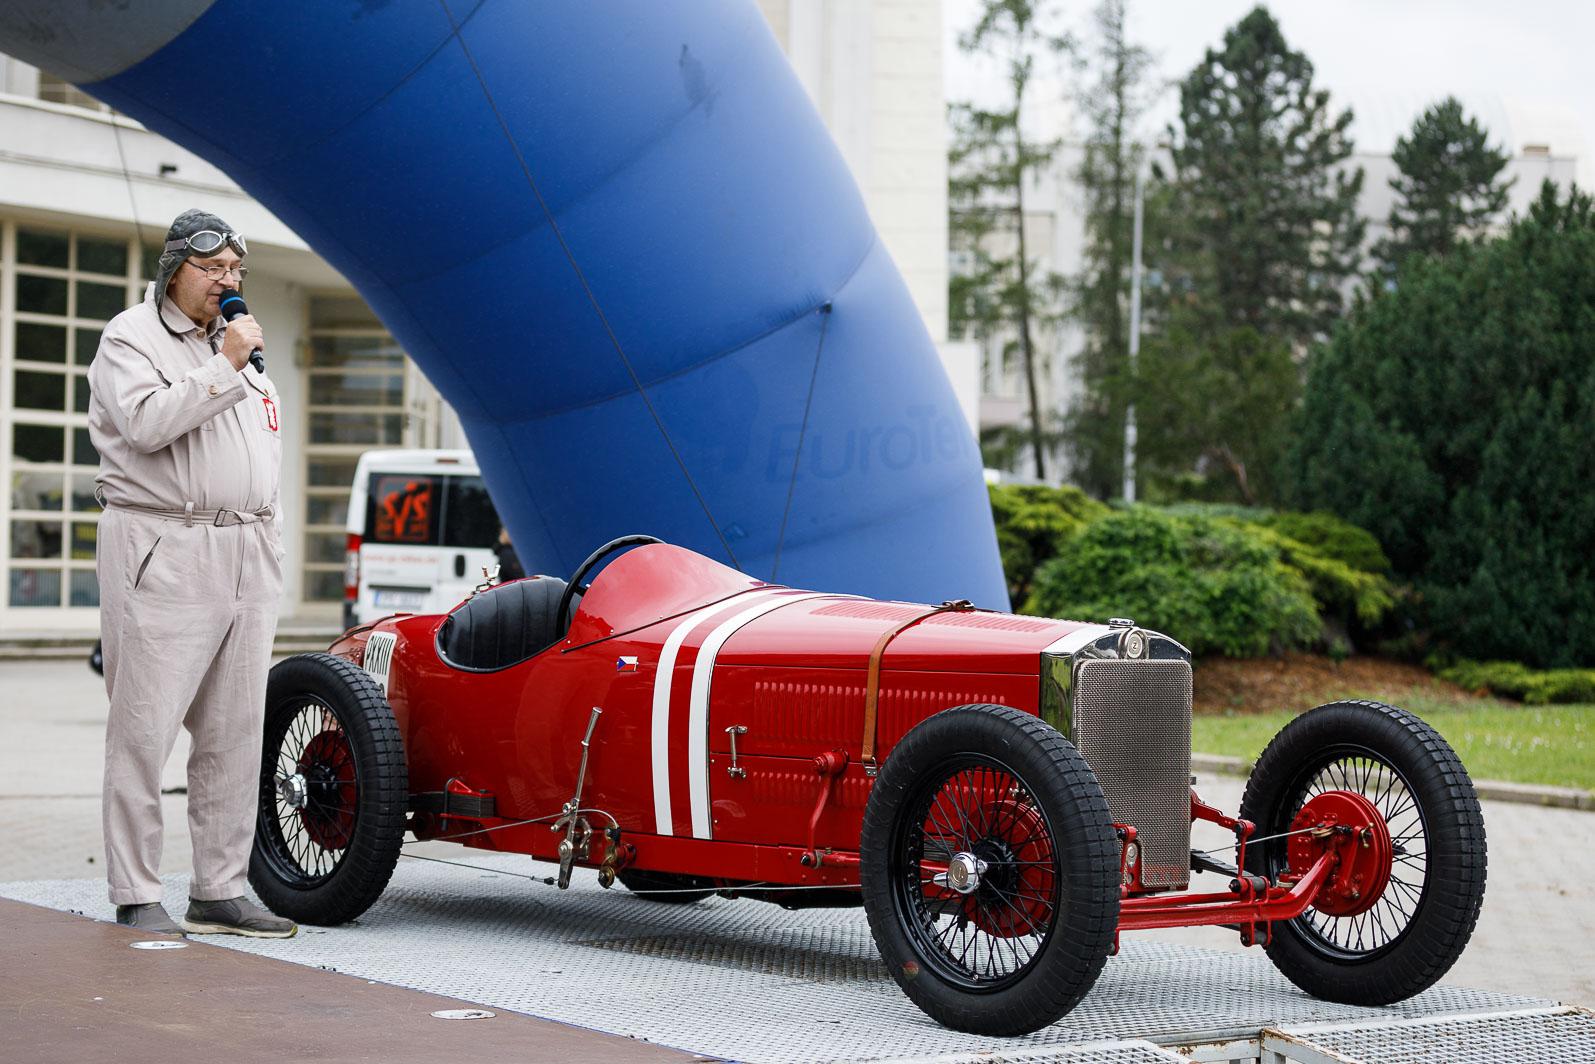 Na Revival Brno 2020 sa predviedol Talbot, ktorý zbiera svetové ocenenia RQdyu78mzv revival-8377